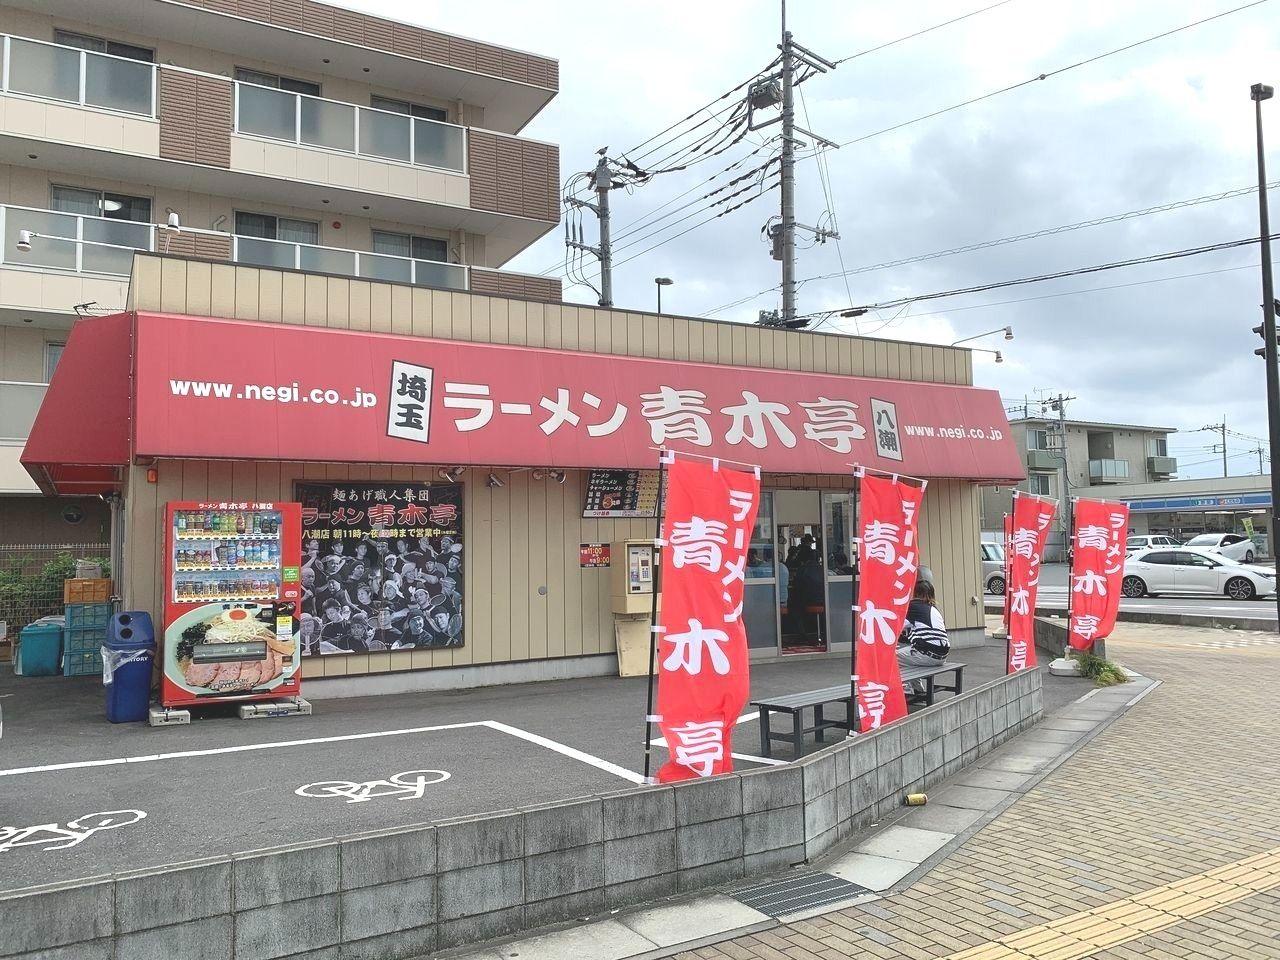 【八潮市食べ歩きブログ】八潮市古新田の「ラーメン青木亭」に行ってきました!